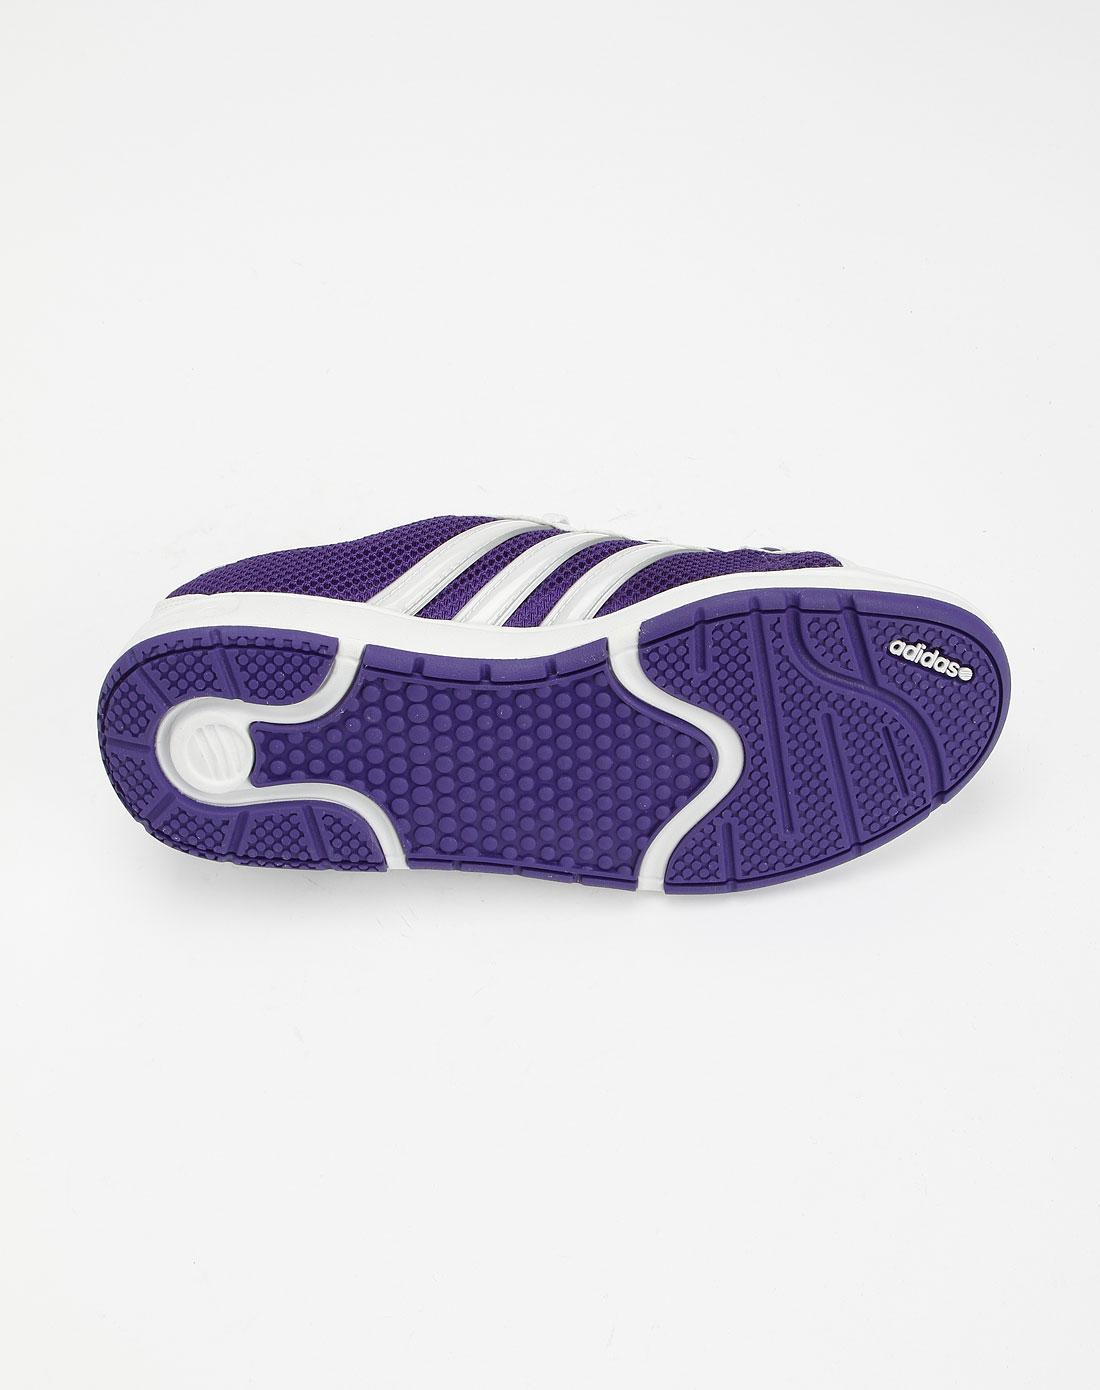 阿迪达斯adidasneo 女款白/紫色休闲运动鞋g31043